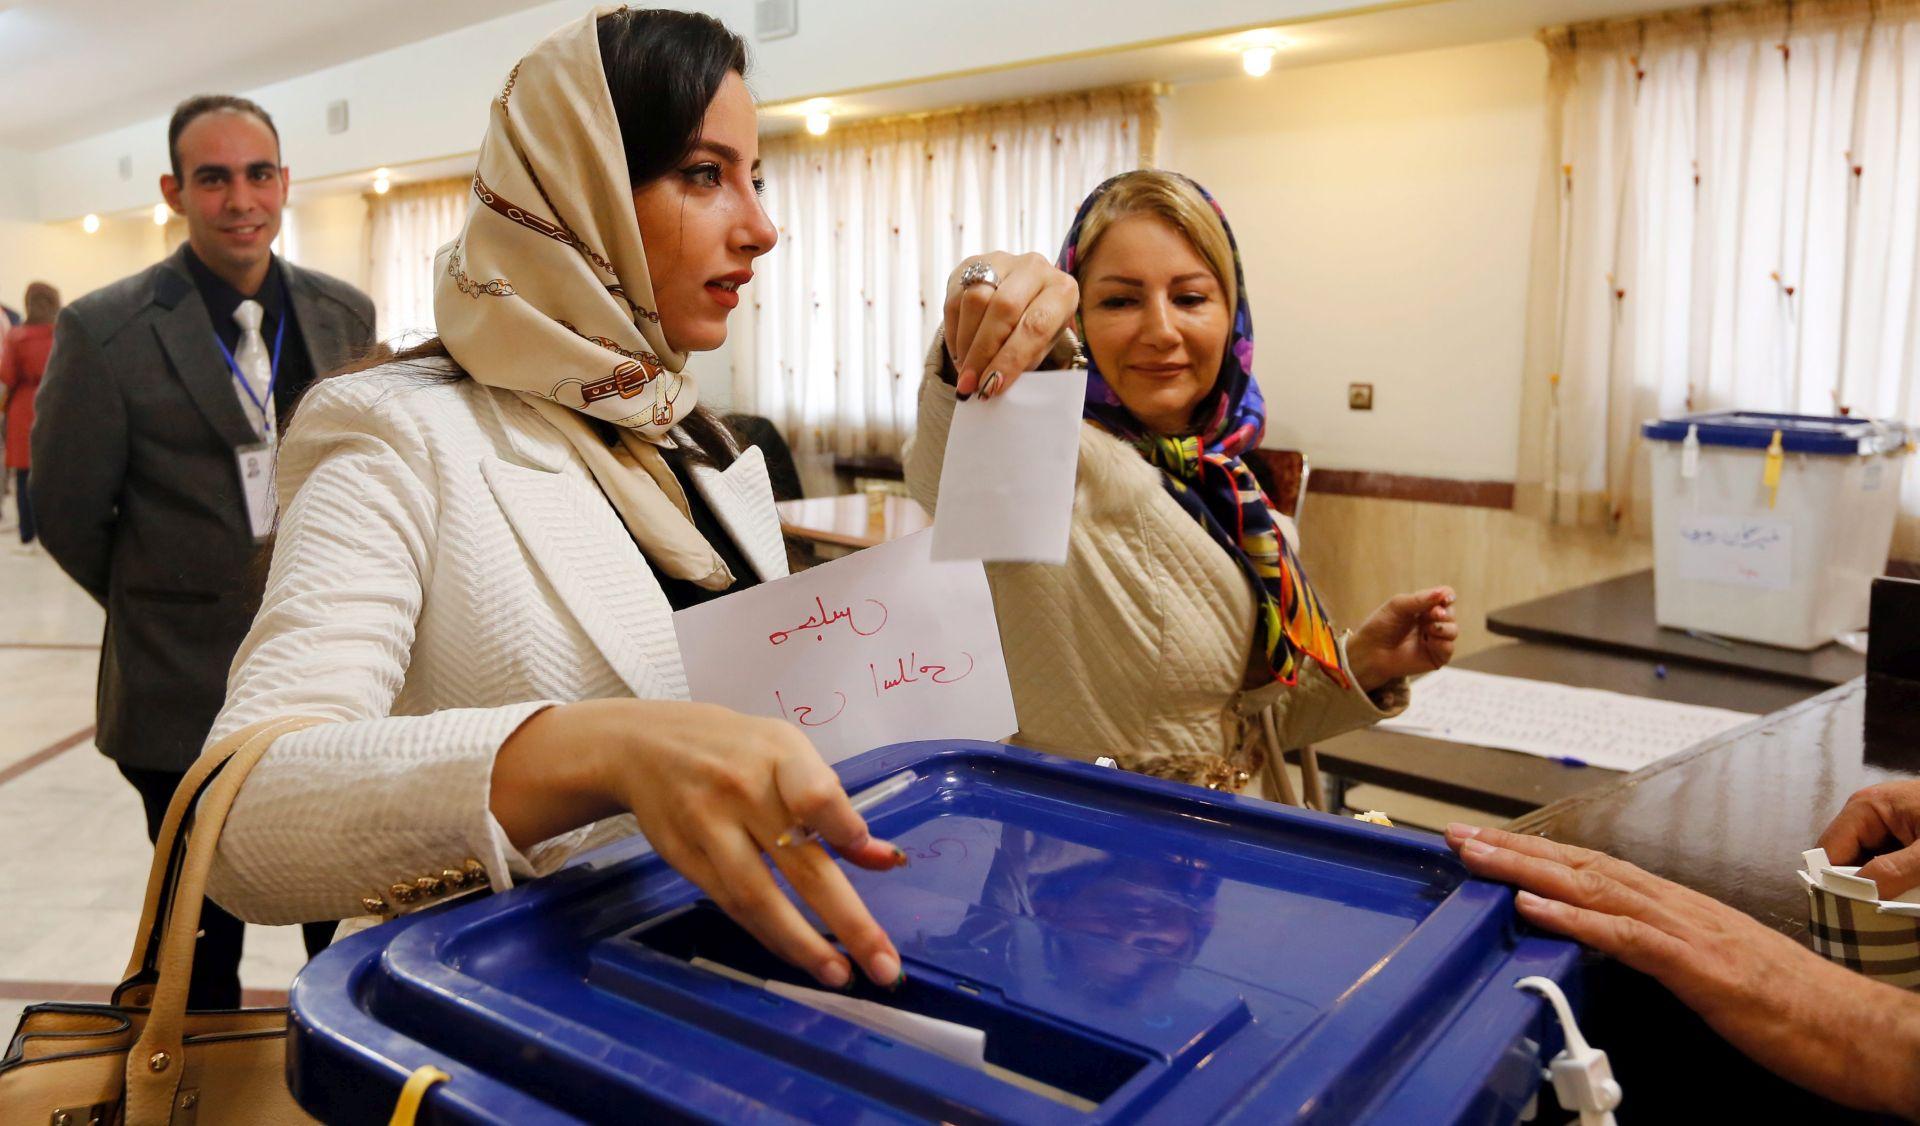 PARLAMENTARNI IZBORI: Iran produljio glasanje zbog navale glasača